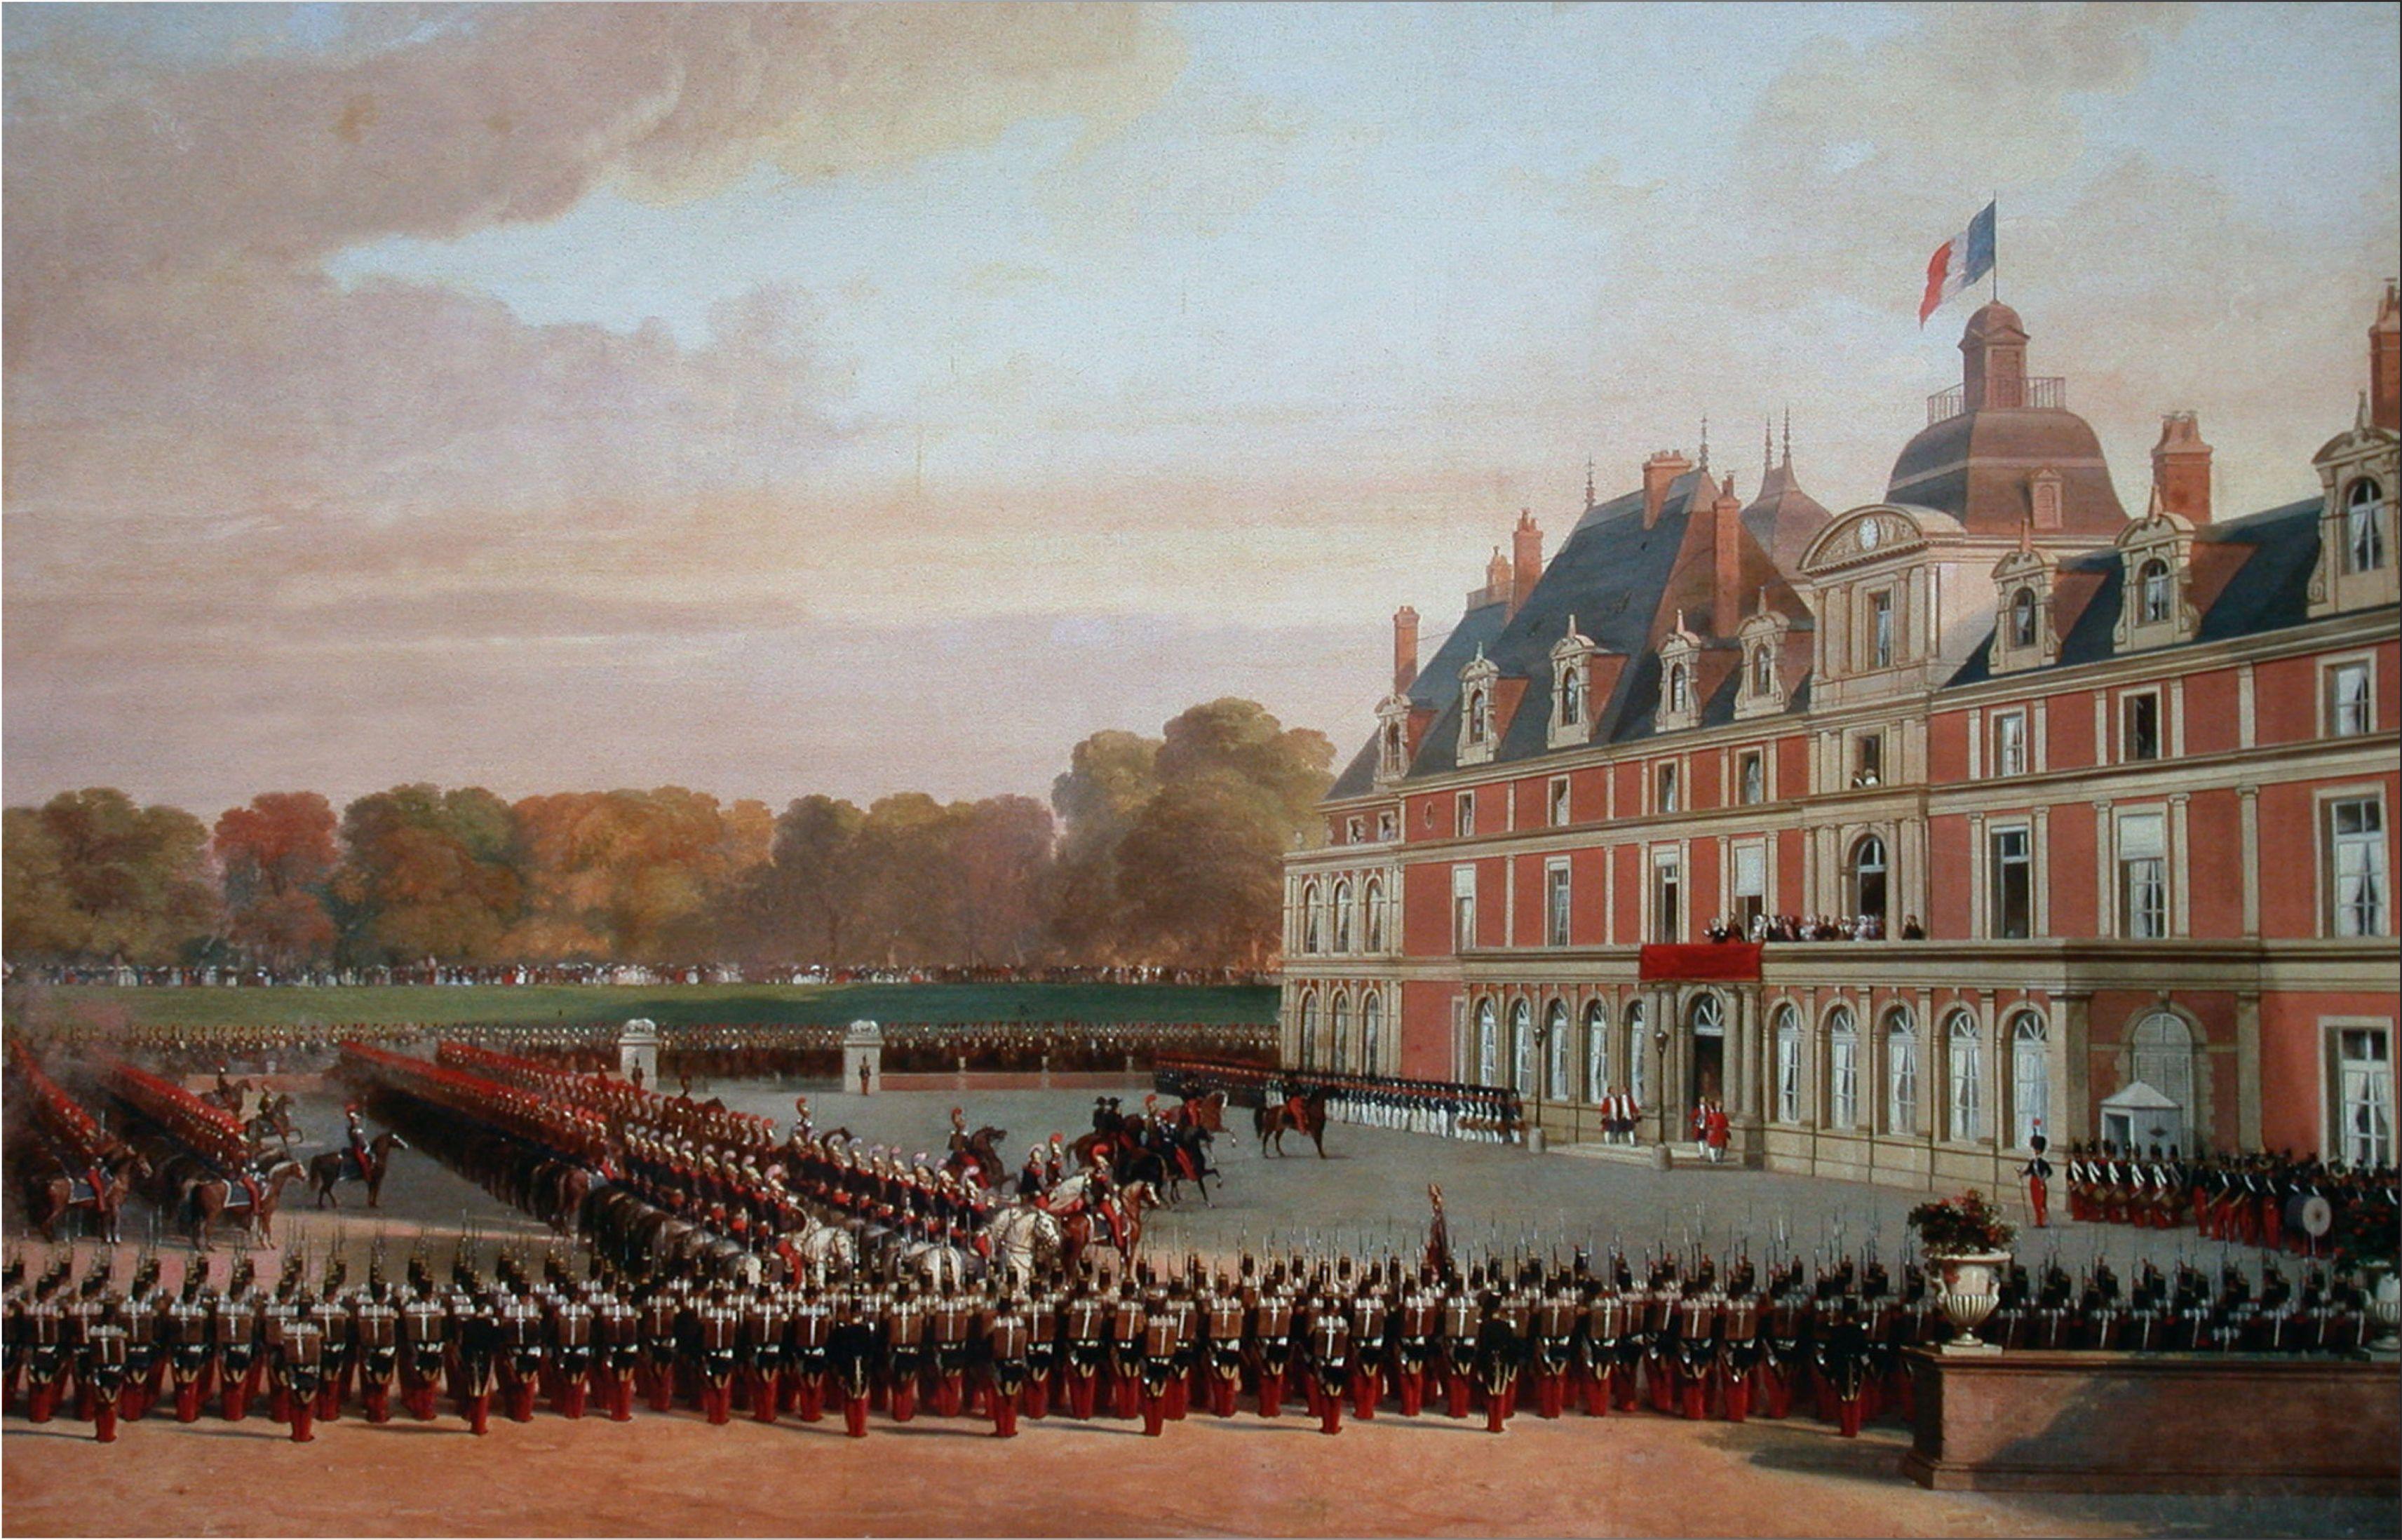 L'arrivée de la Reine Victoria au Château d'Eu, en 1843 ou 1845.